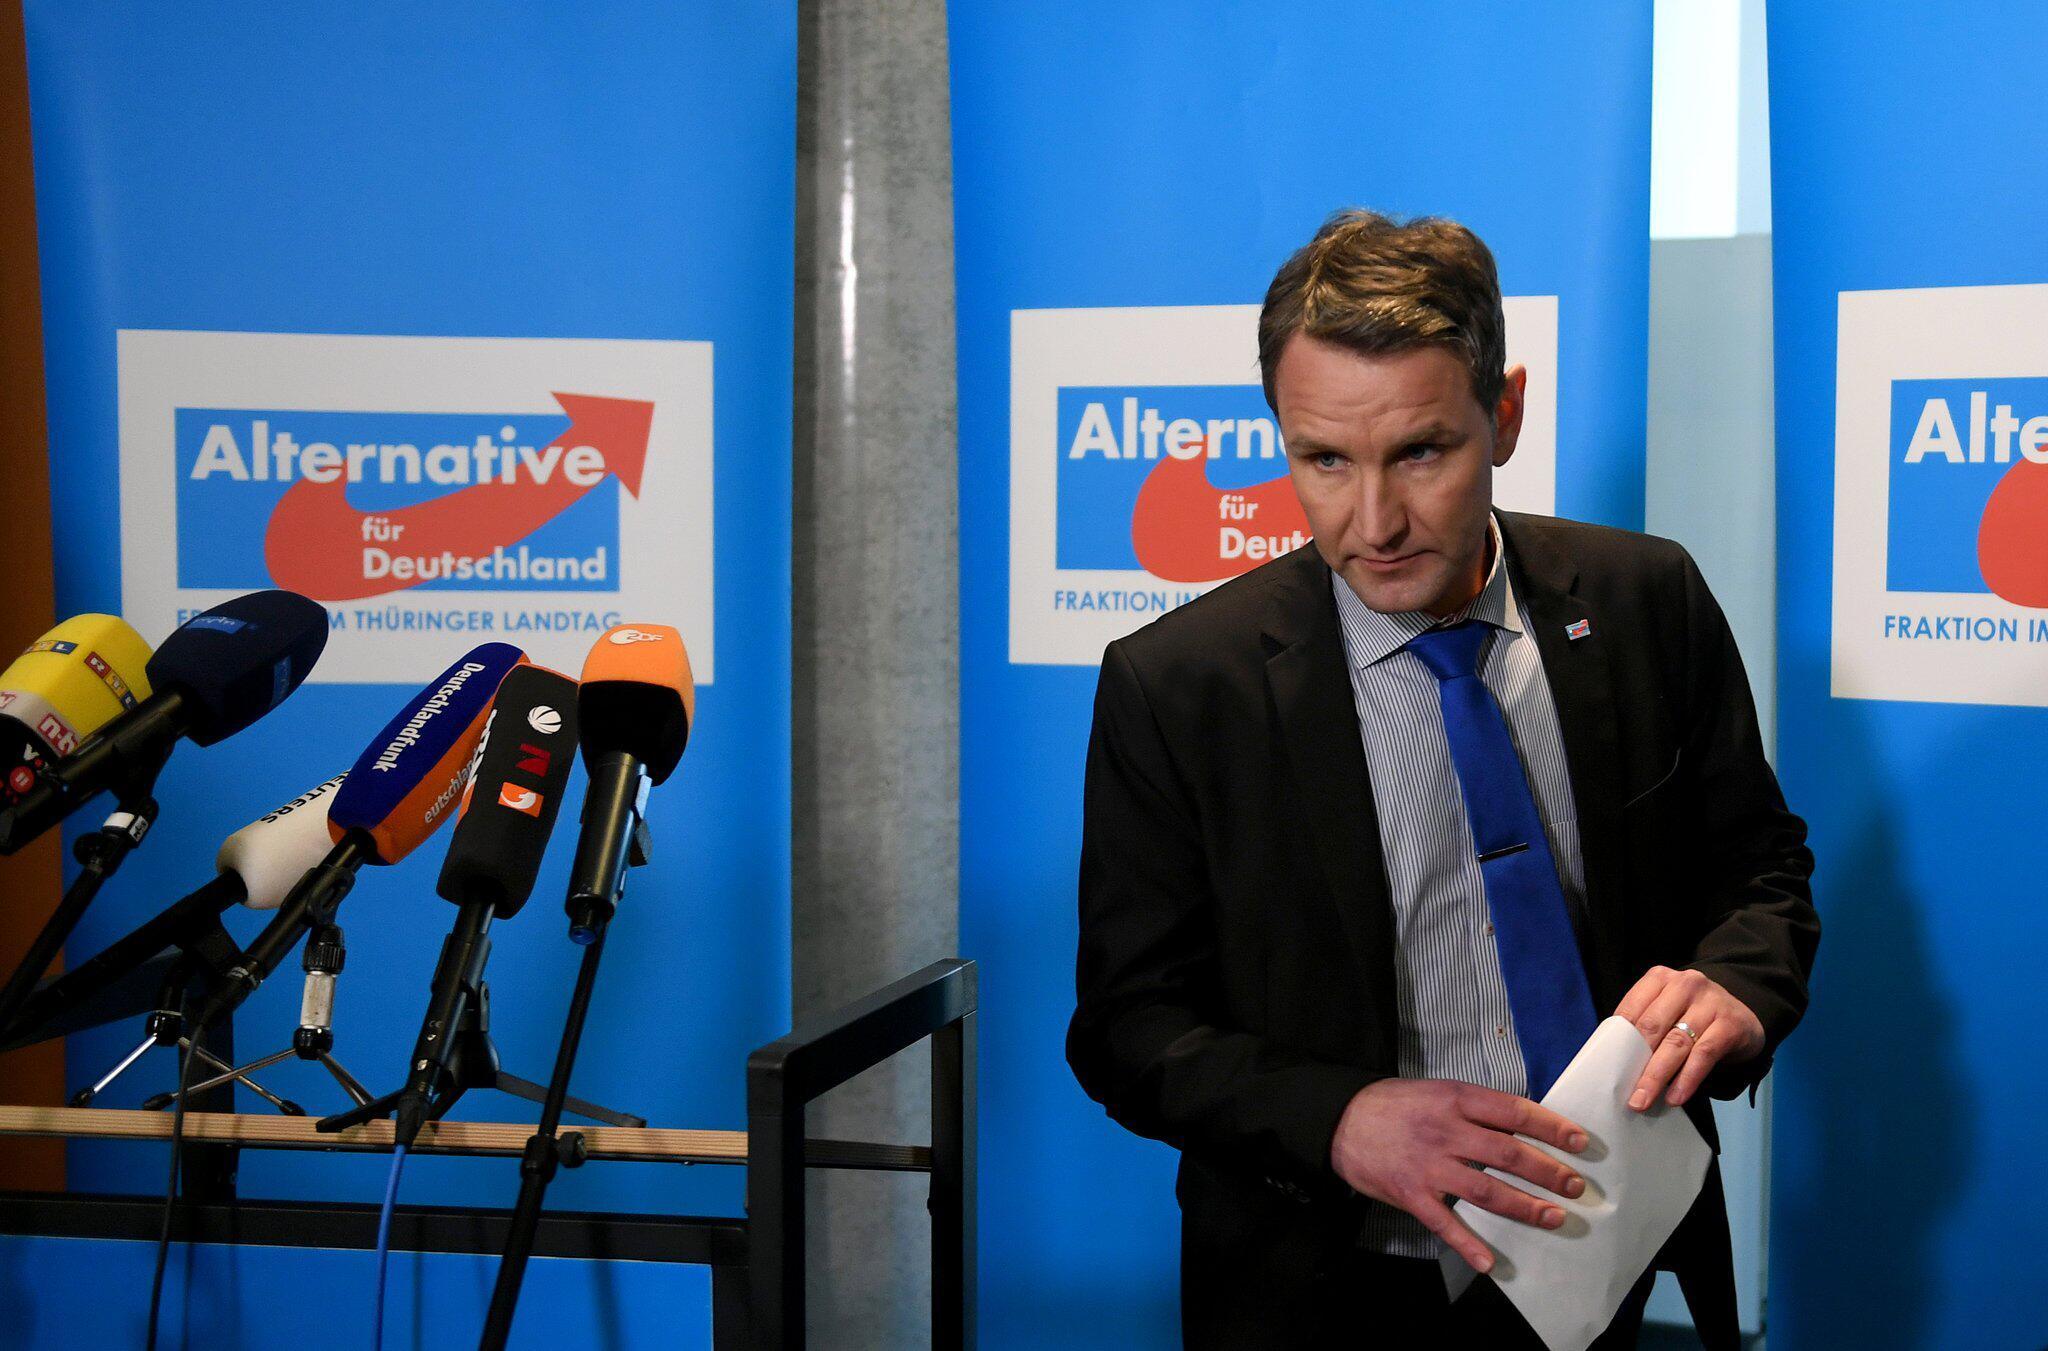 Bild zu Press conference with Bjoern Hoecke